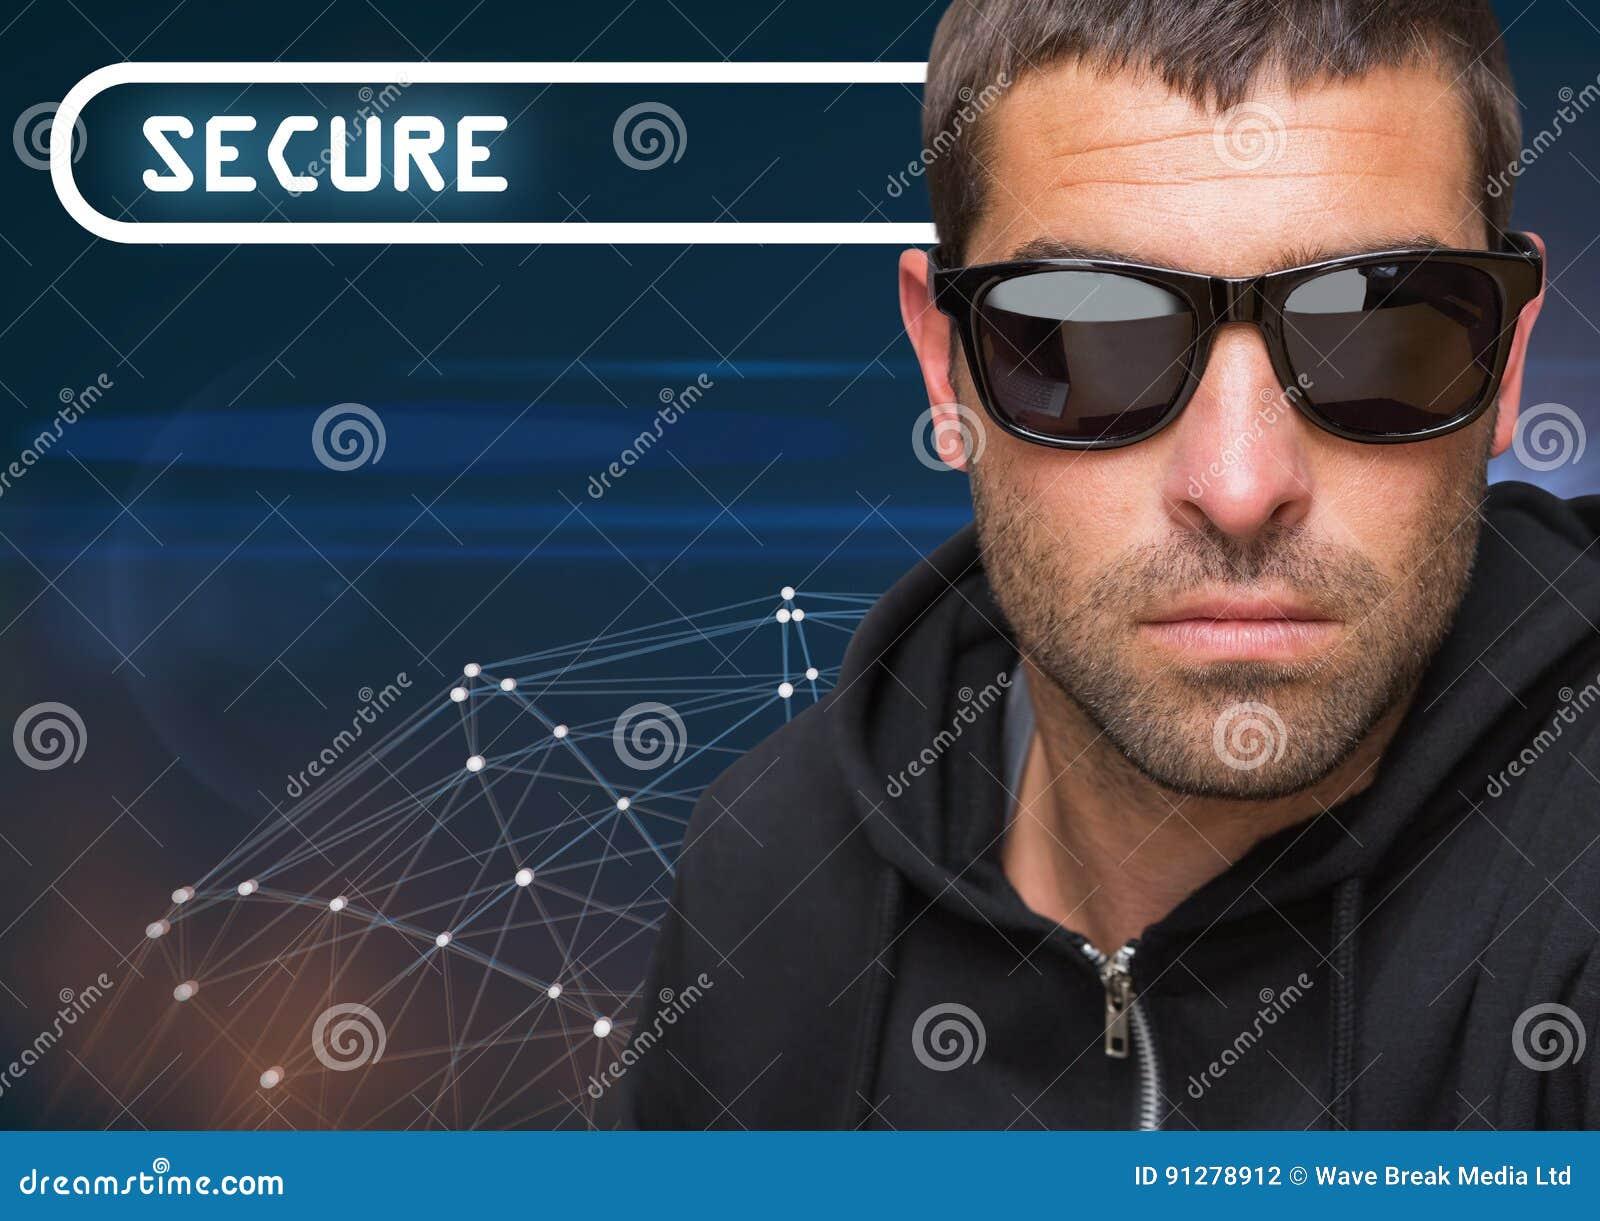 Säkra text med den kalla mannen i solglasögon